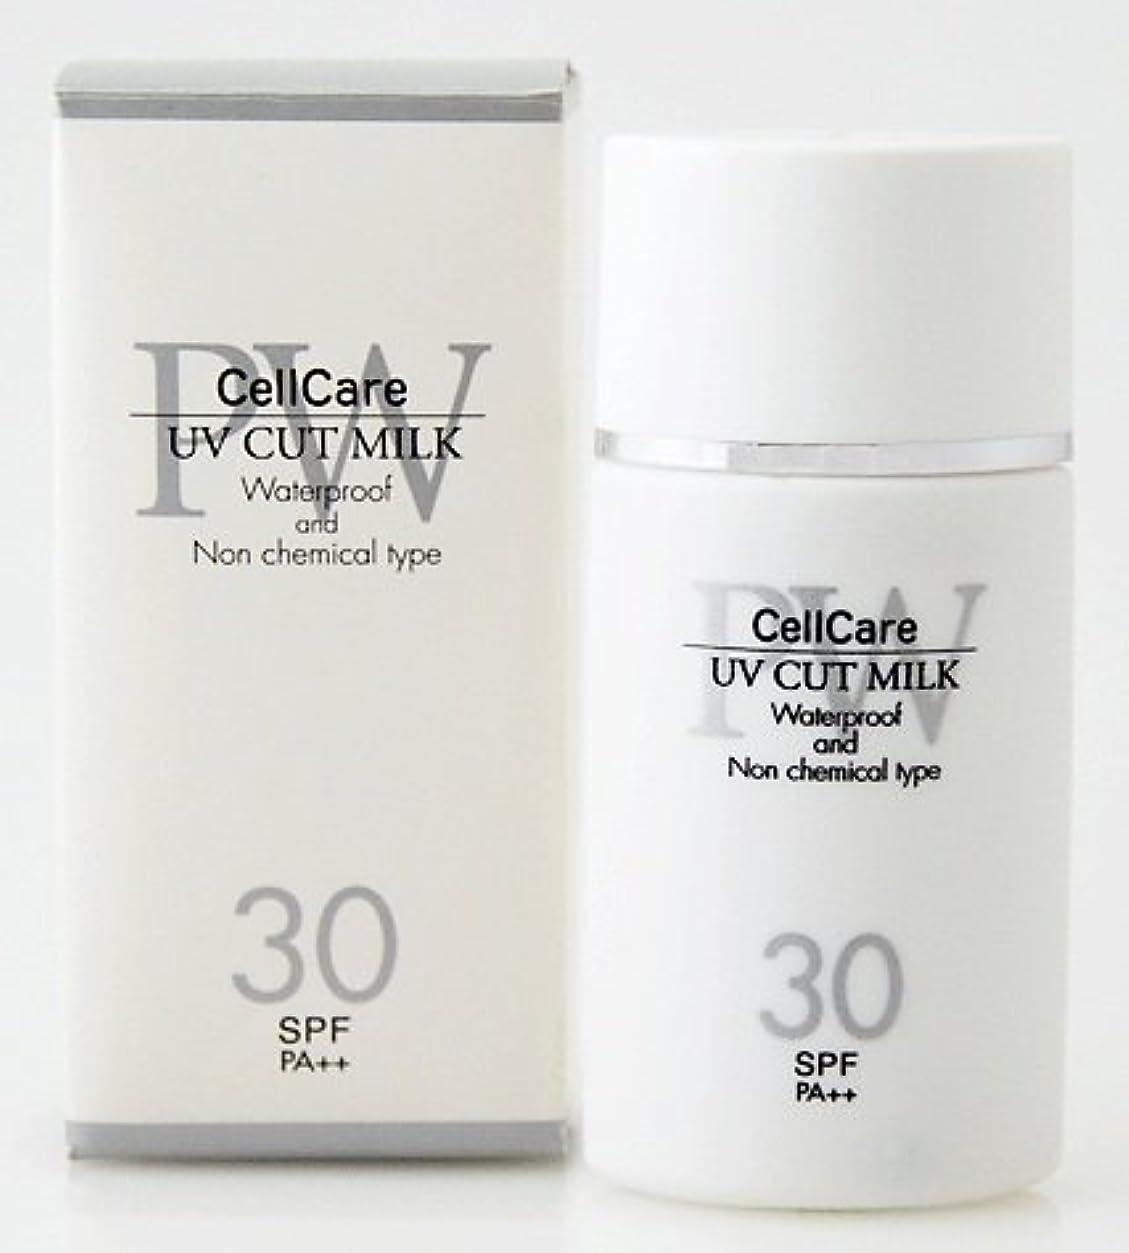 火山学者指フォーカスセルケア ピュアホワイト UVカットミルク 30g(日焼け止め乳液) SPF30 PA++ 保湿